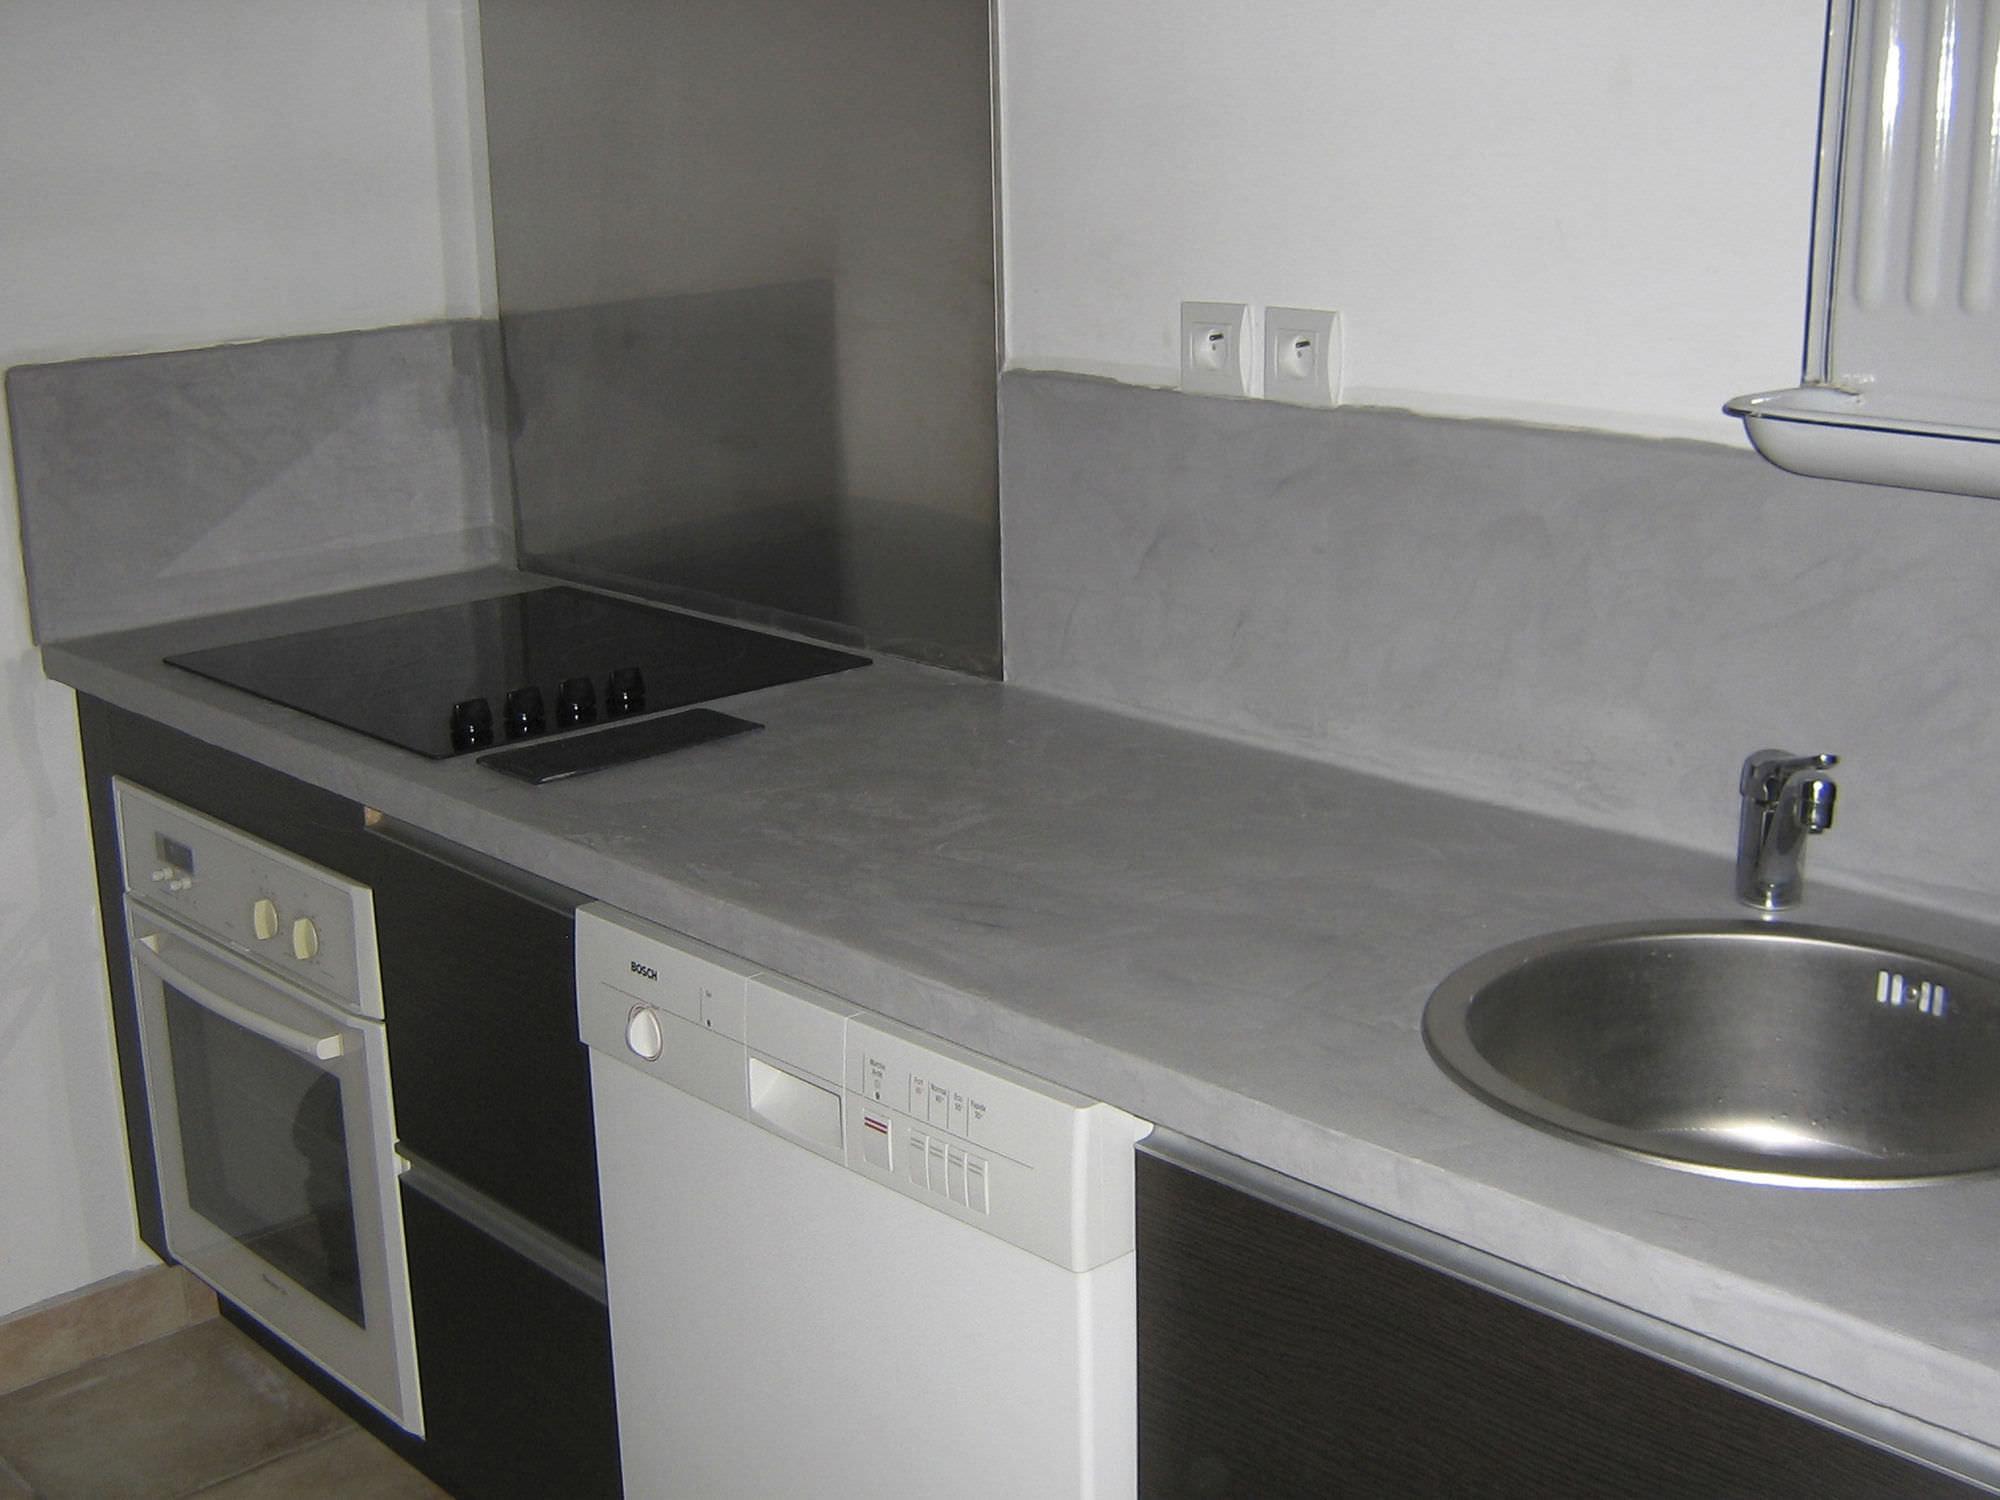 Betonarbeitsplatte Küche beton arbeitsplatte küchen bc23 rouviere